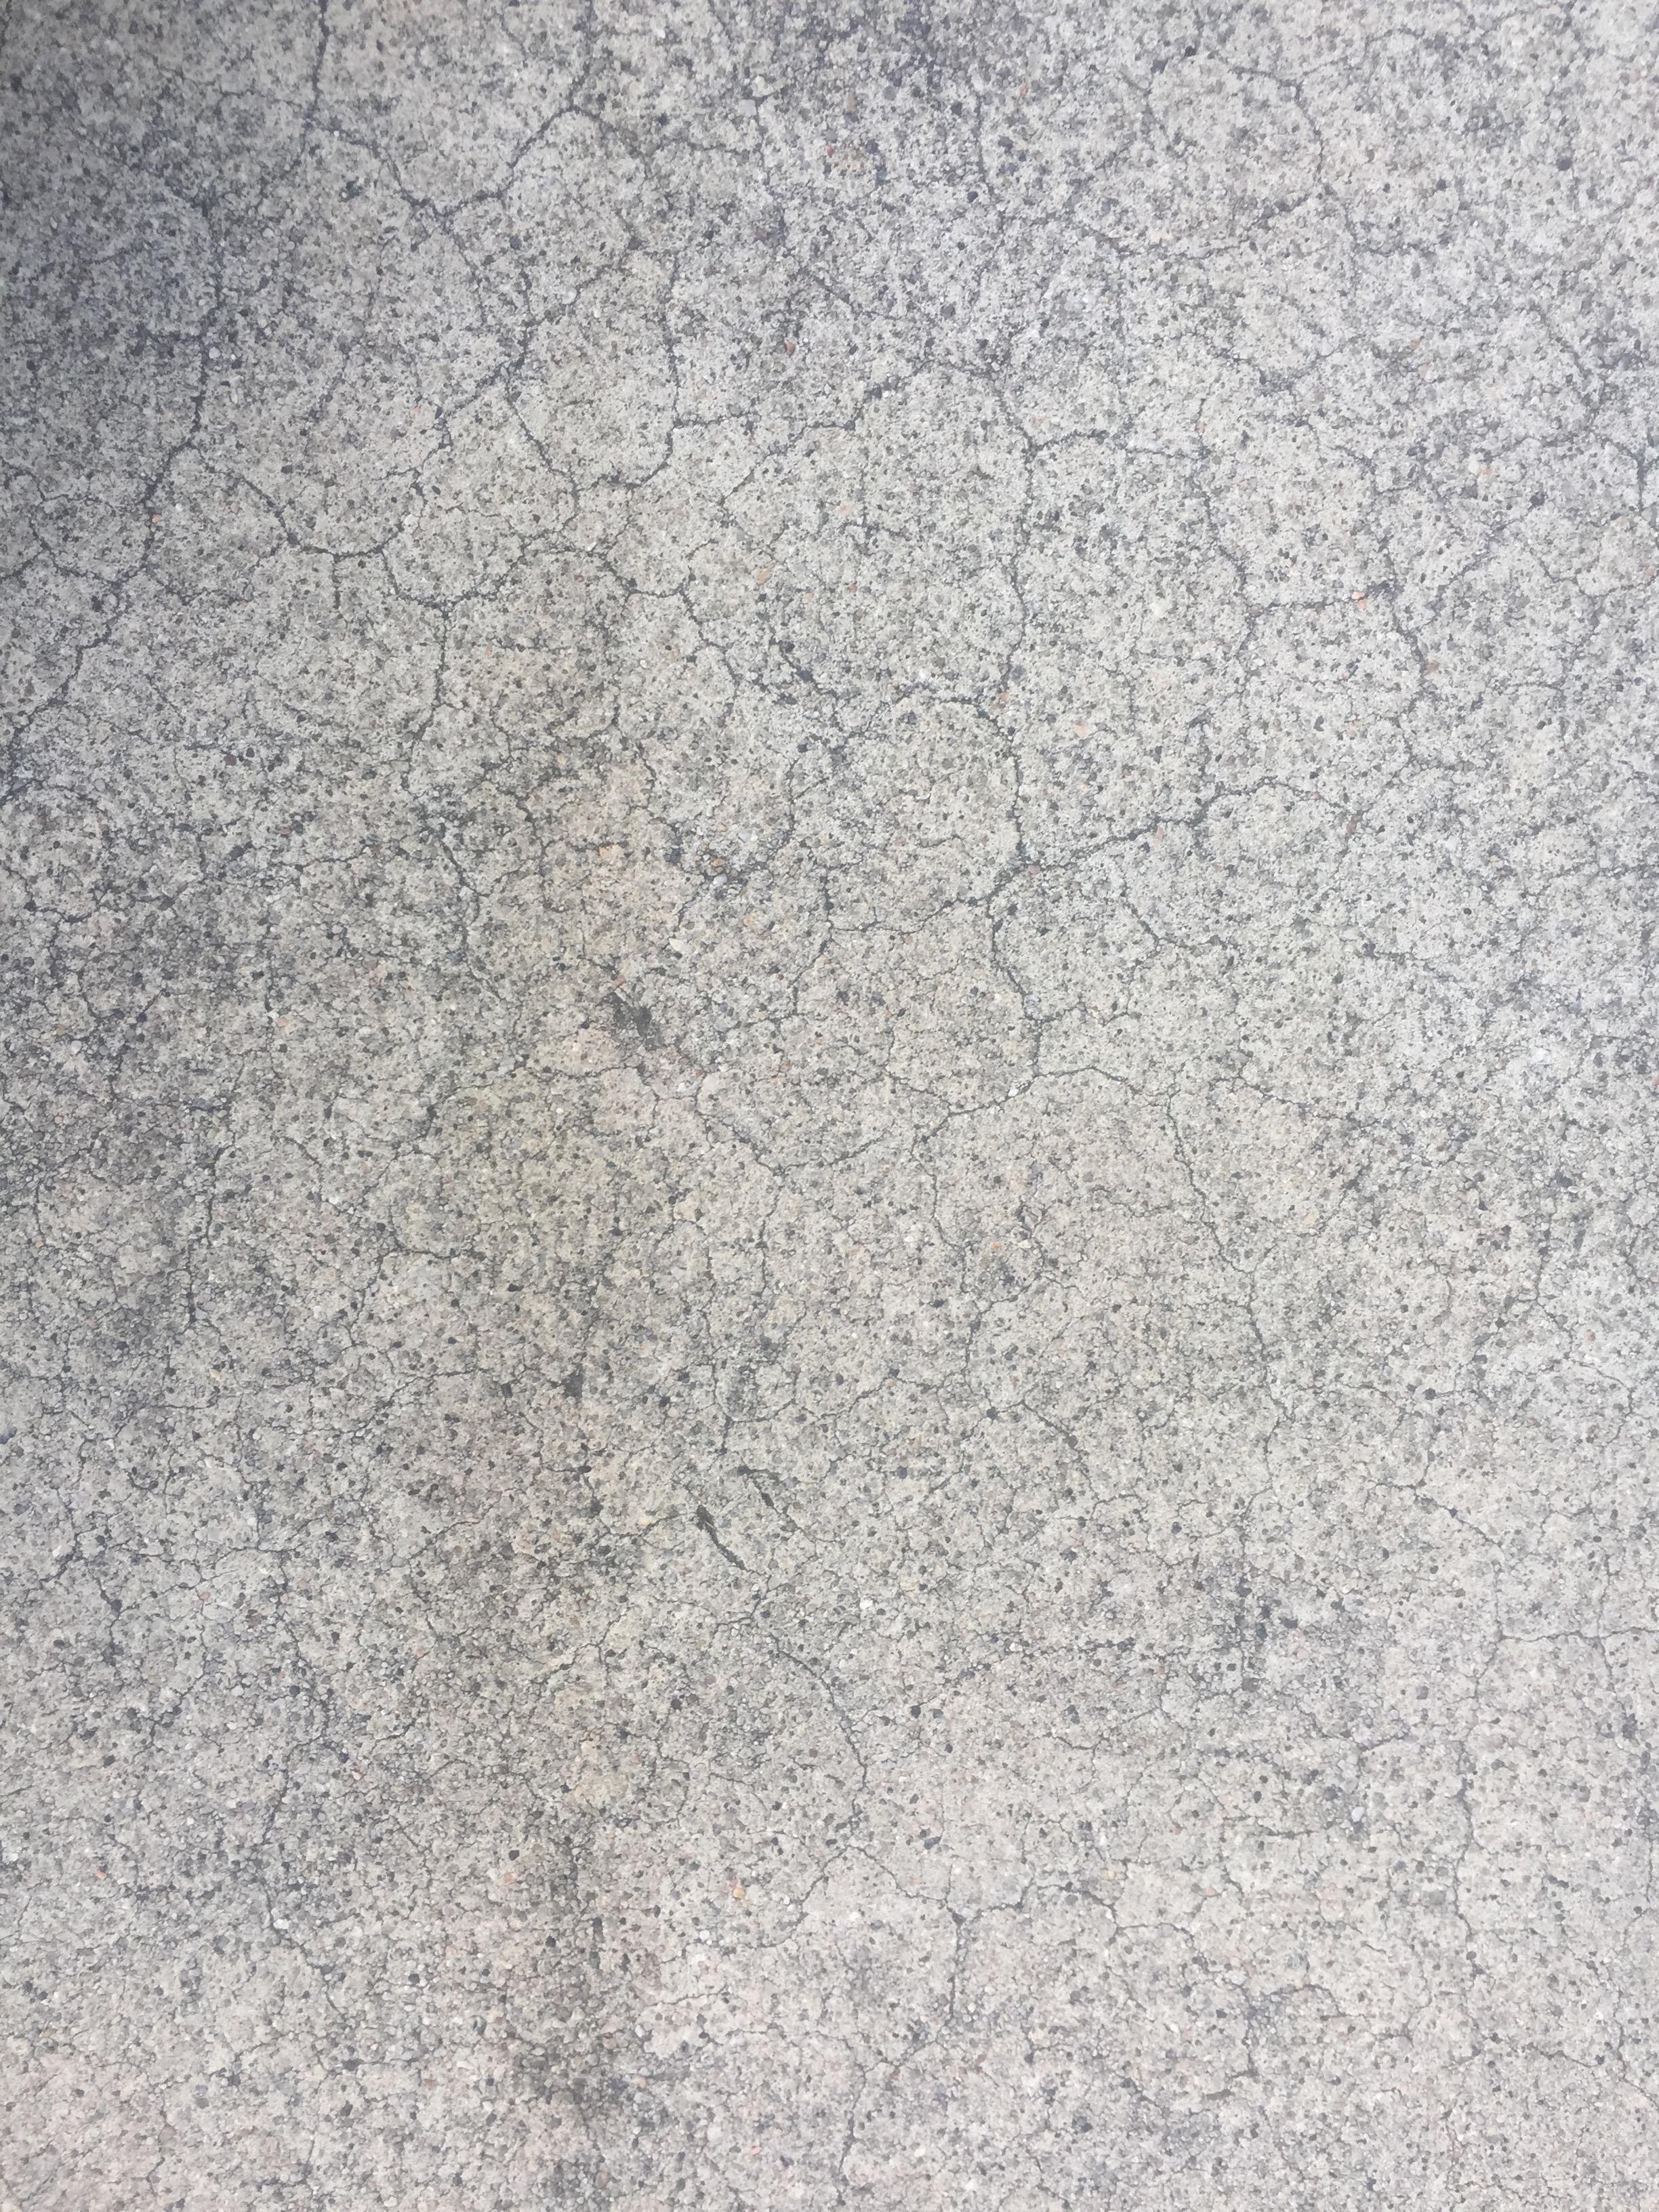 concrete texture textured pavement cracks fractal running paint textures everytexture bottom